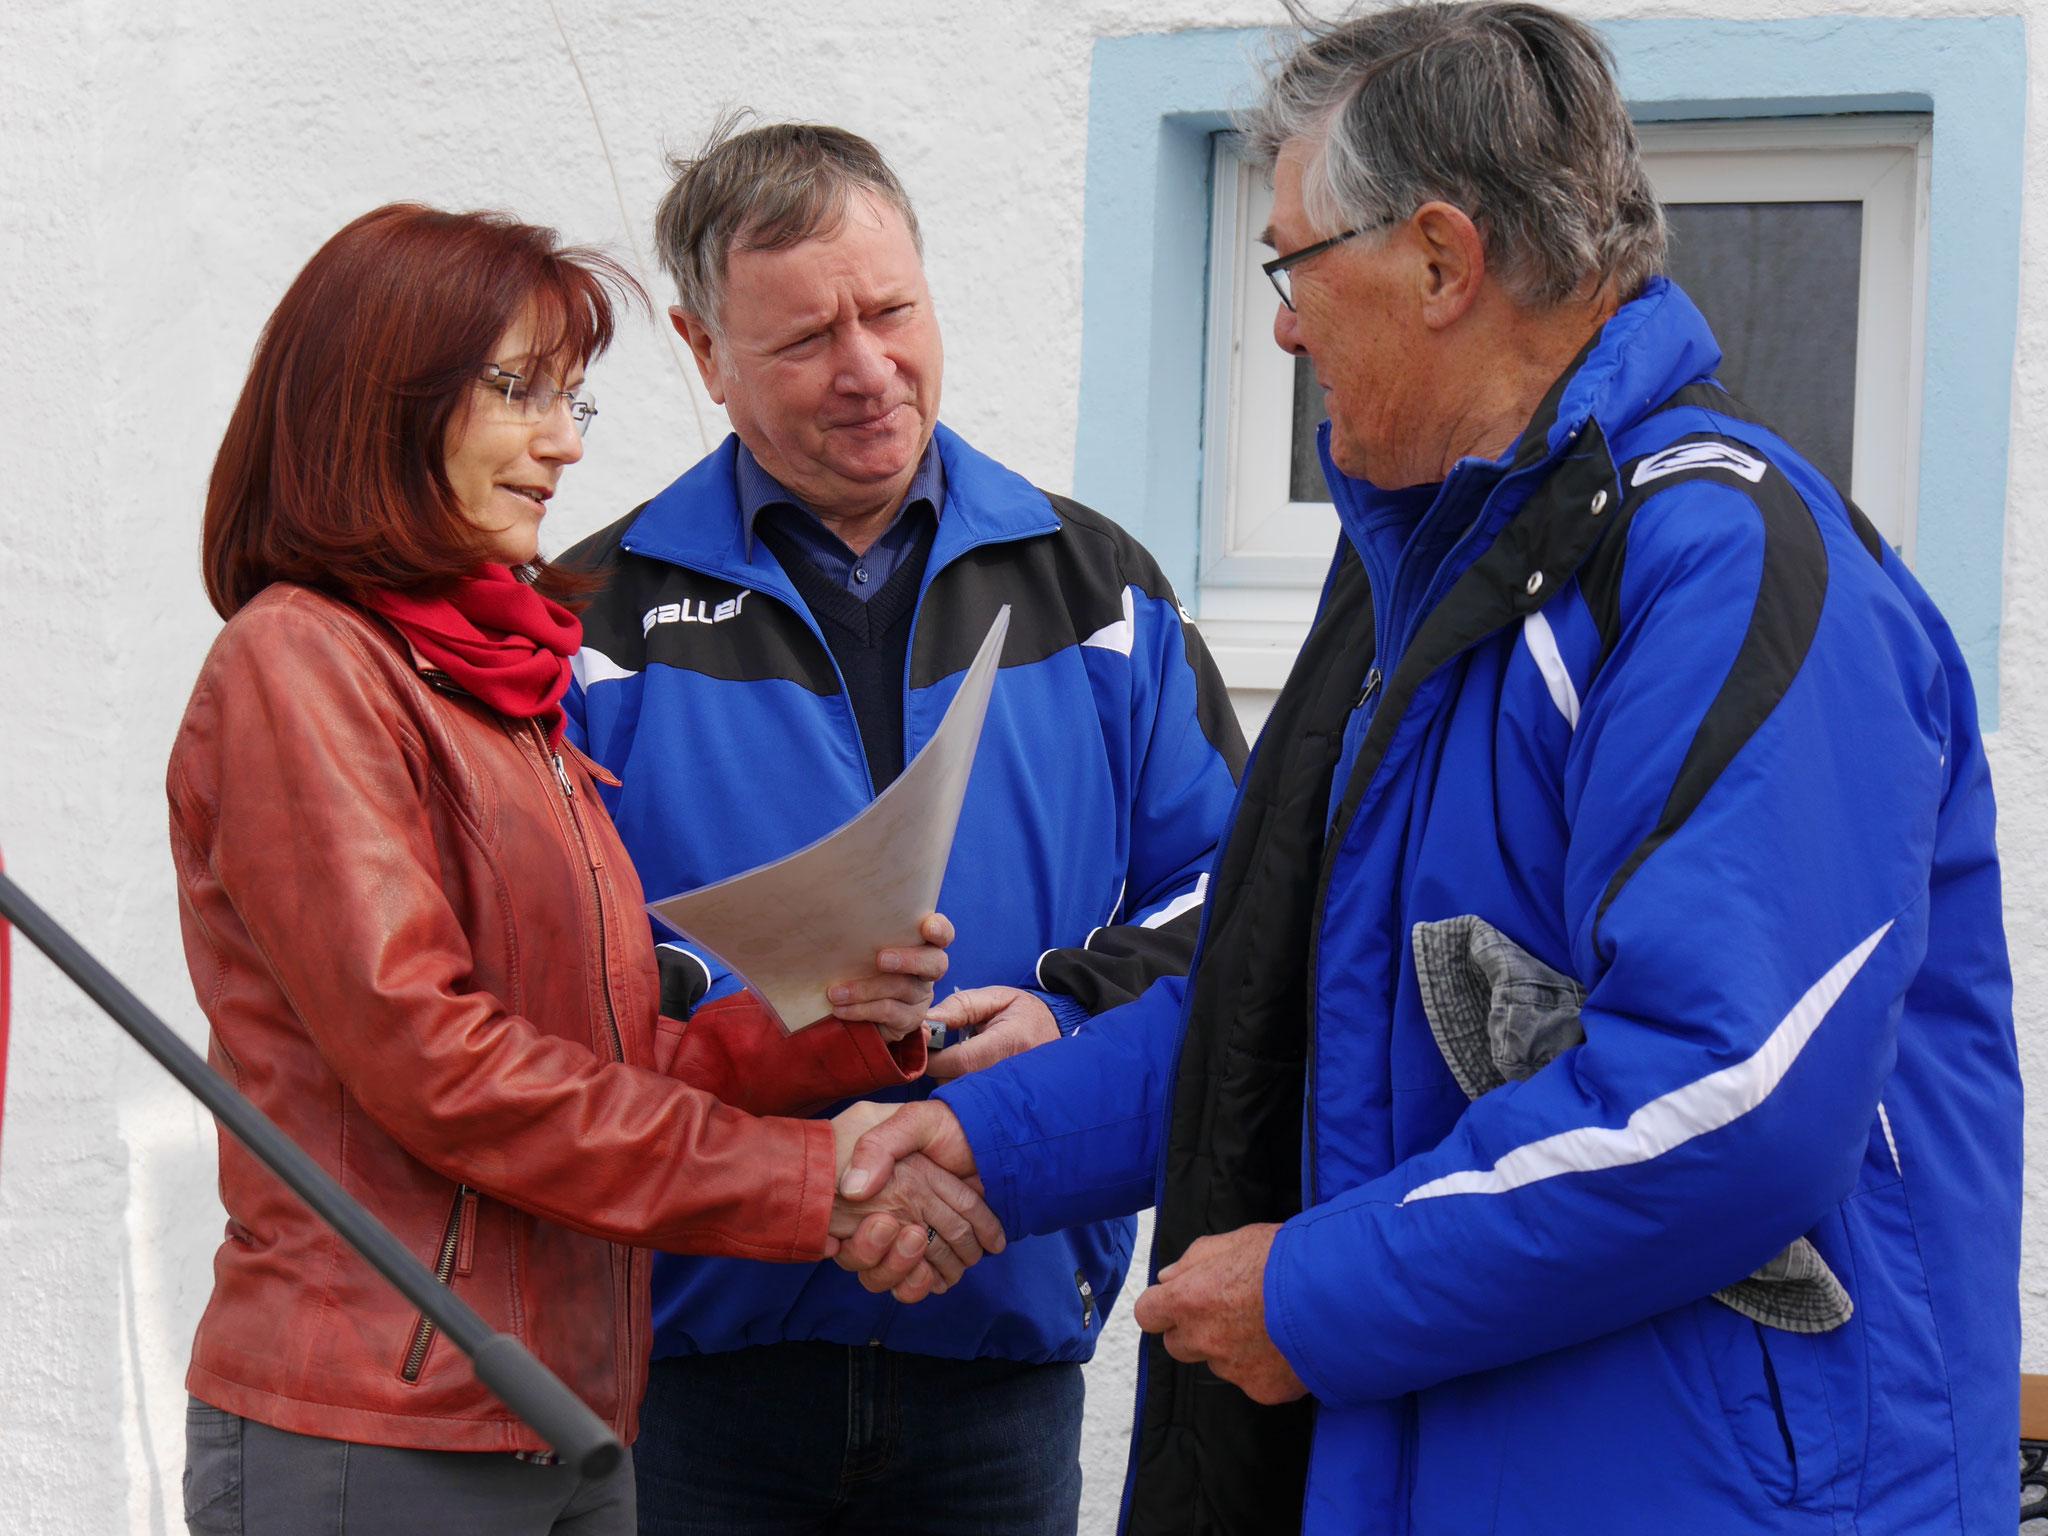 Überreicht wurde diese Ehrung durch Frau Andrea Stapel, Kreisjugendwart des Kreissportbundes Elbe-Elster.